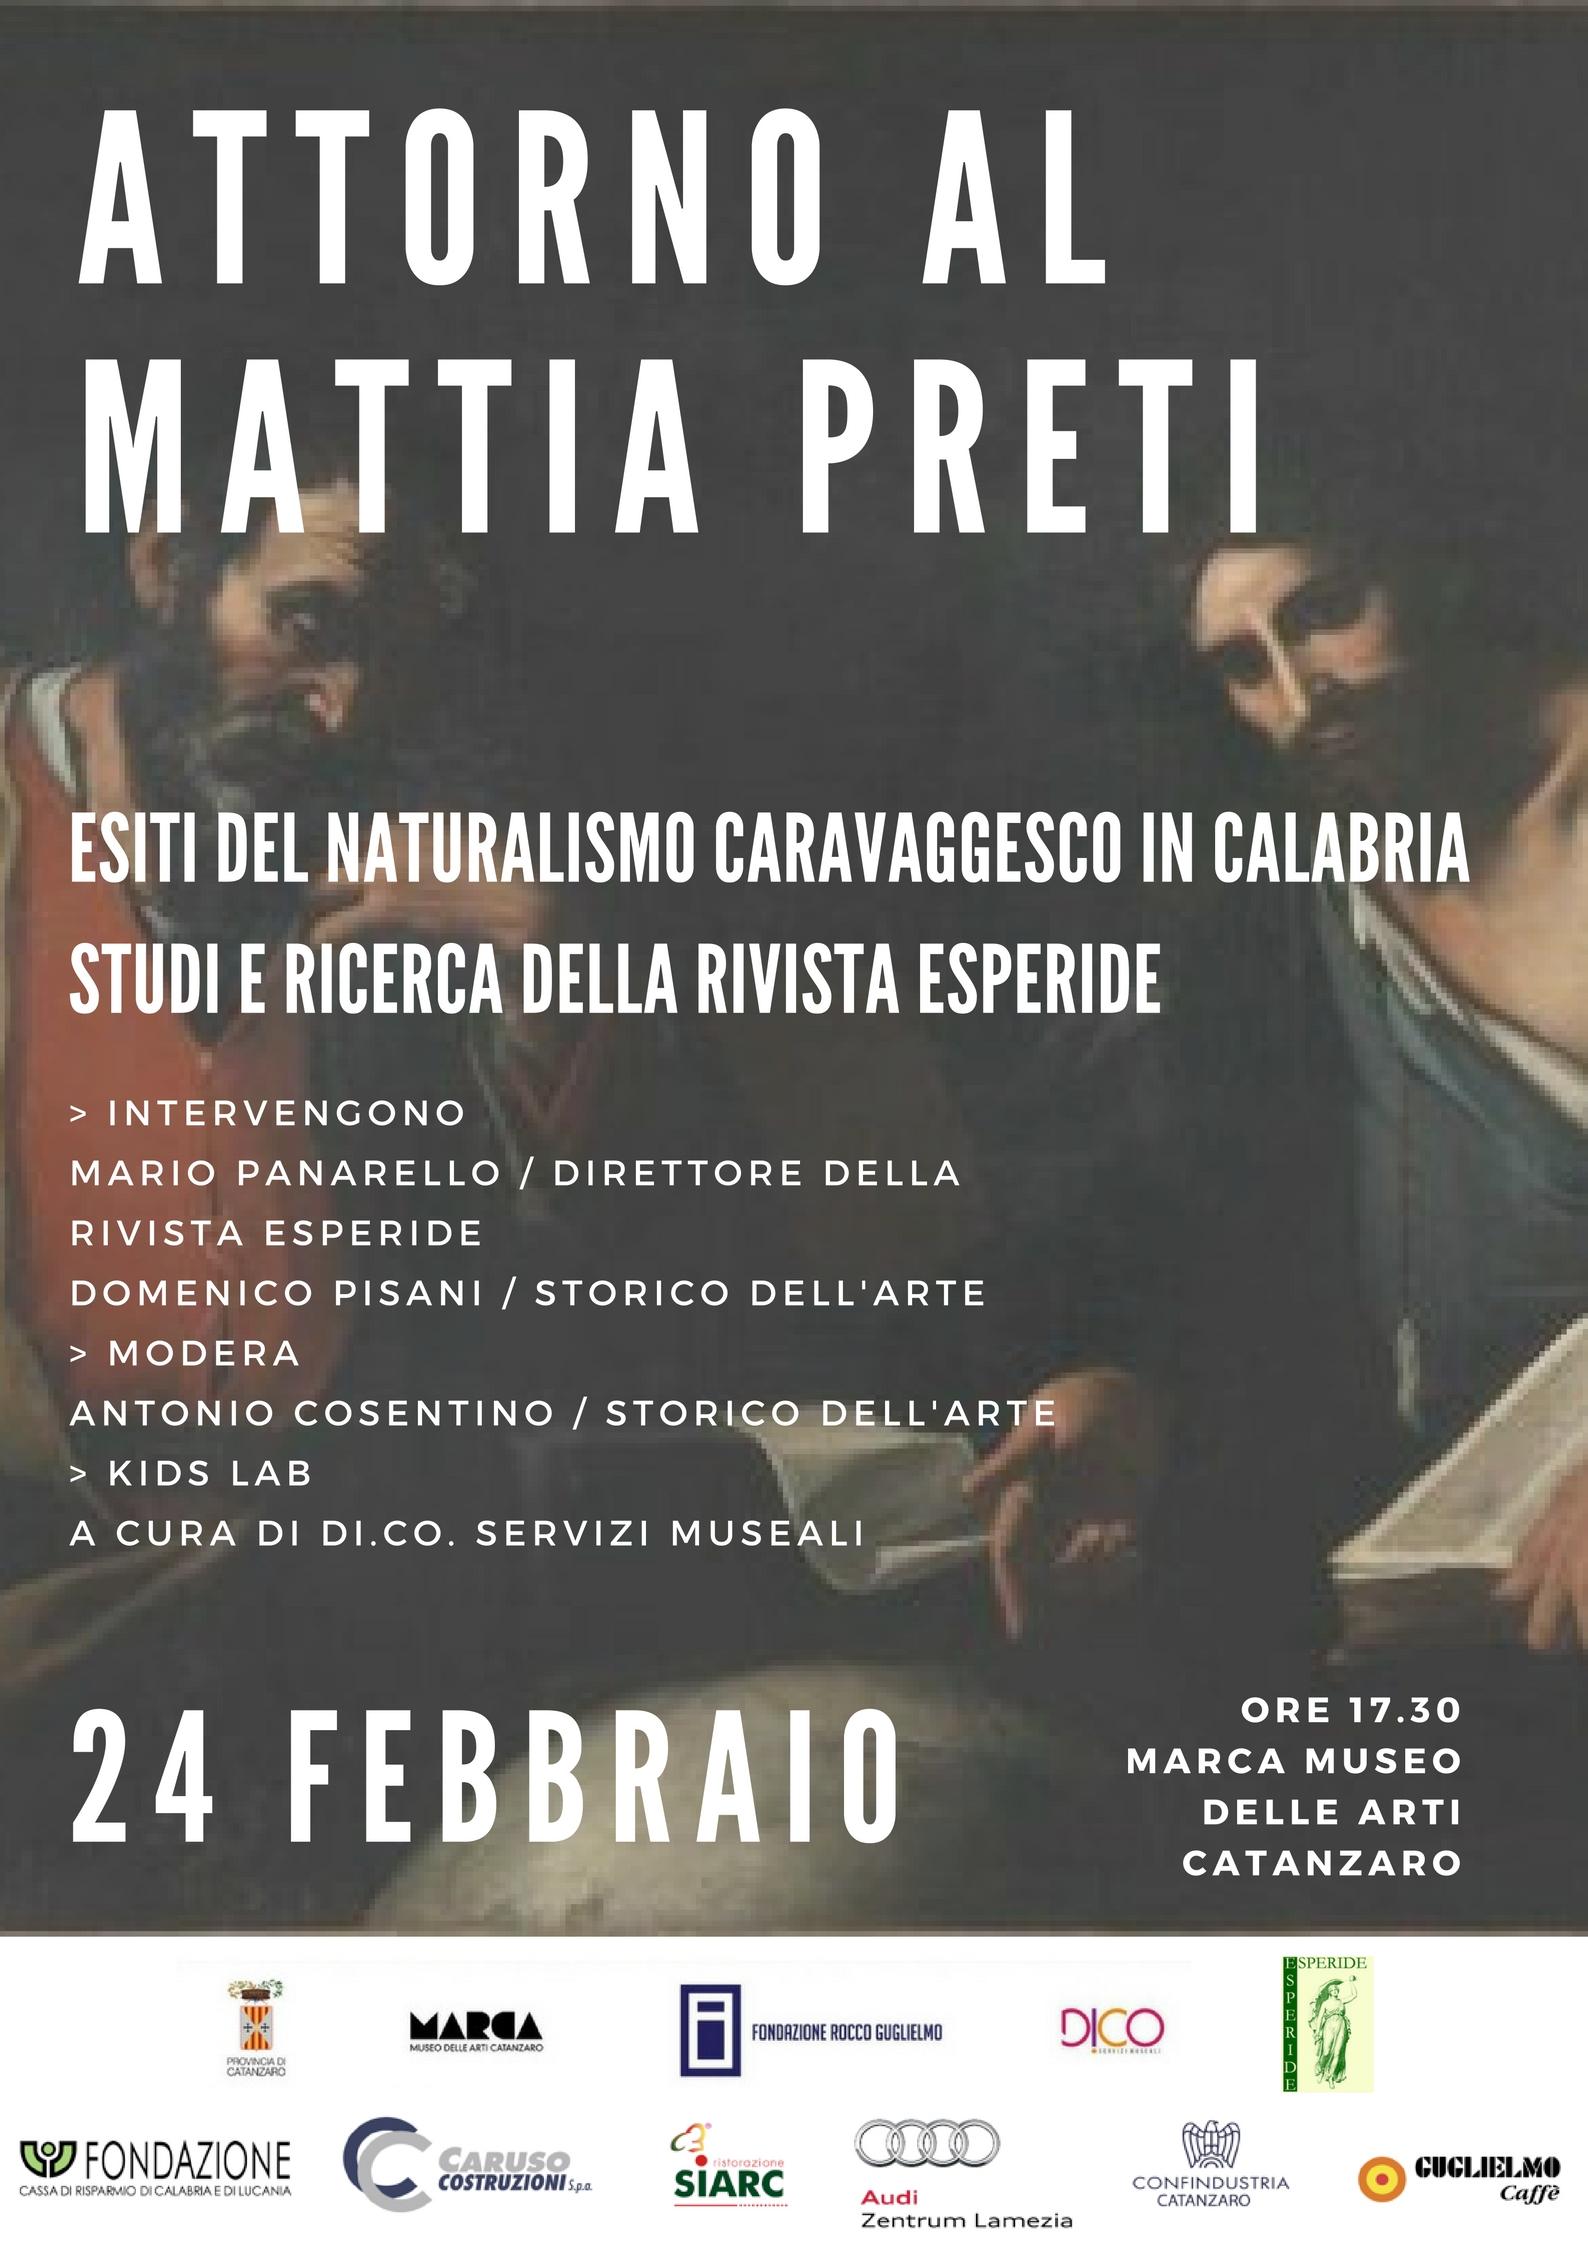 Locandina Attorno al Mattia Preti